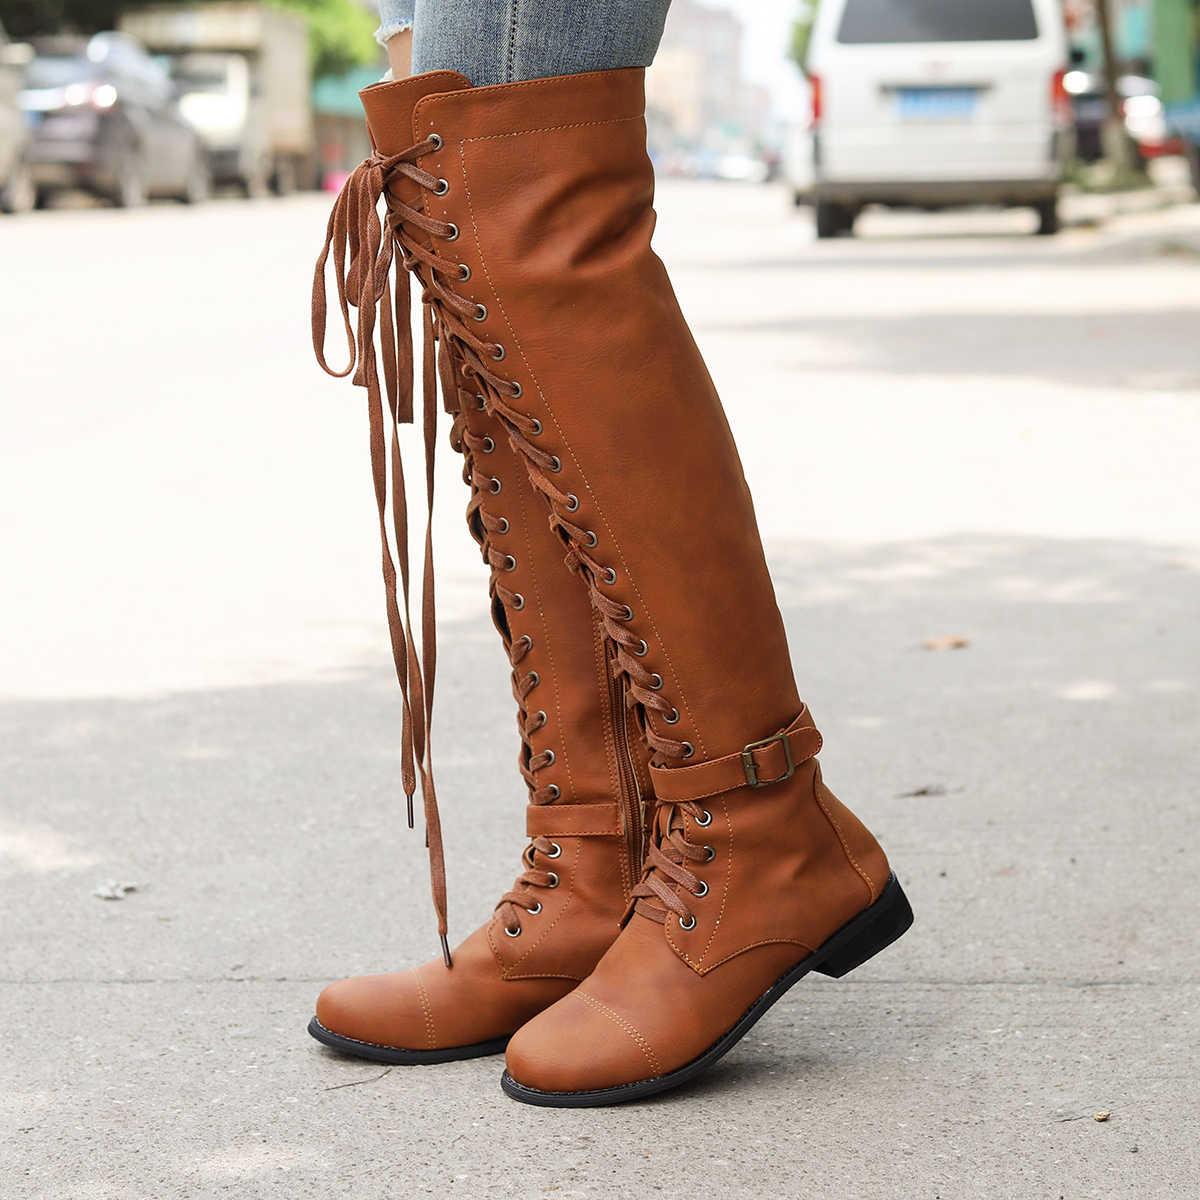 Oeak 2019 yeni bayan uyluk yüksek çizmeler moda süet deri yüksek topuklu Lace Up kadın diz çizmeler üzerinde artı boy kadın ayakkabı